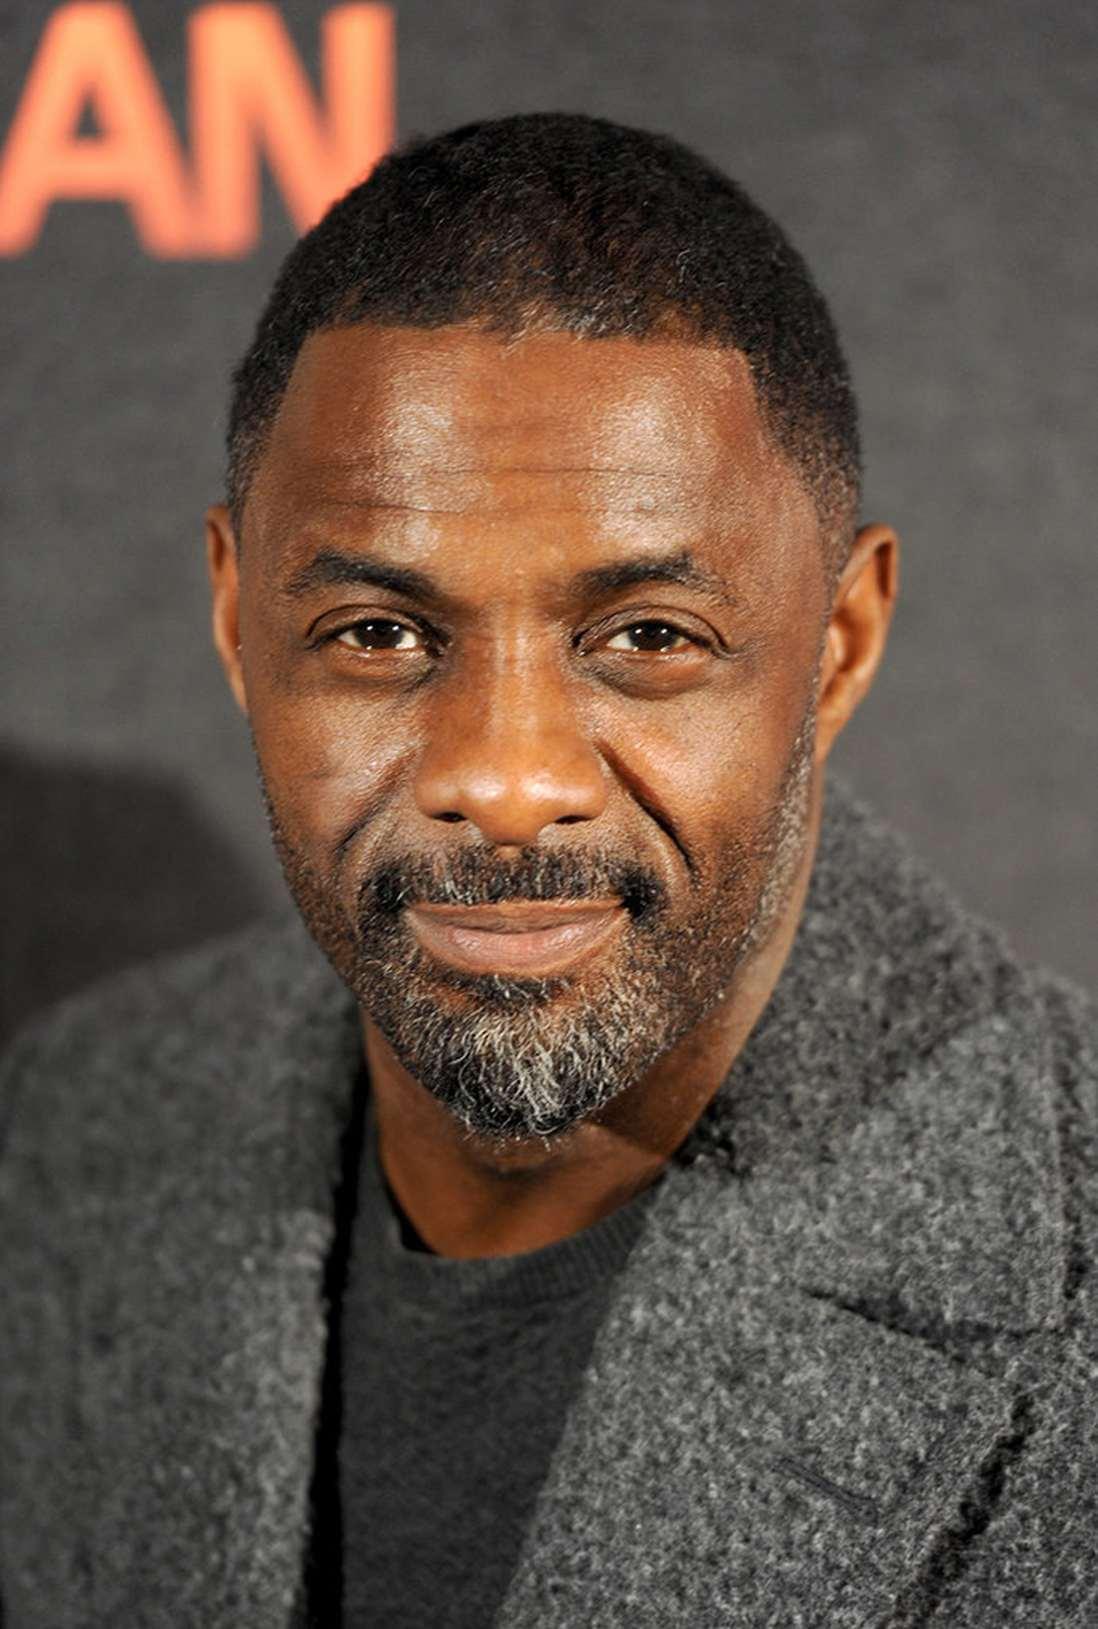 актеры афроамериканцы голливуда фото смотреть проблемой является